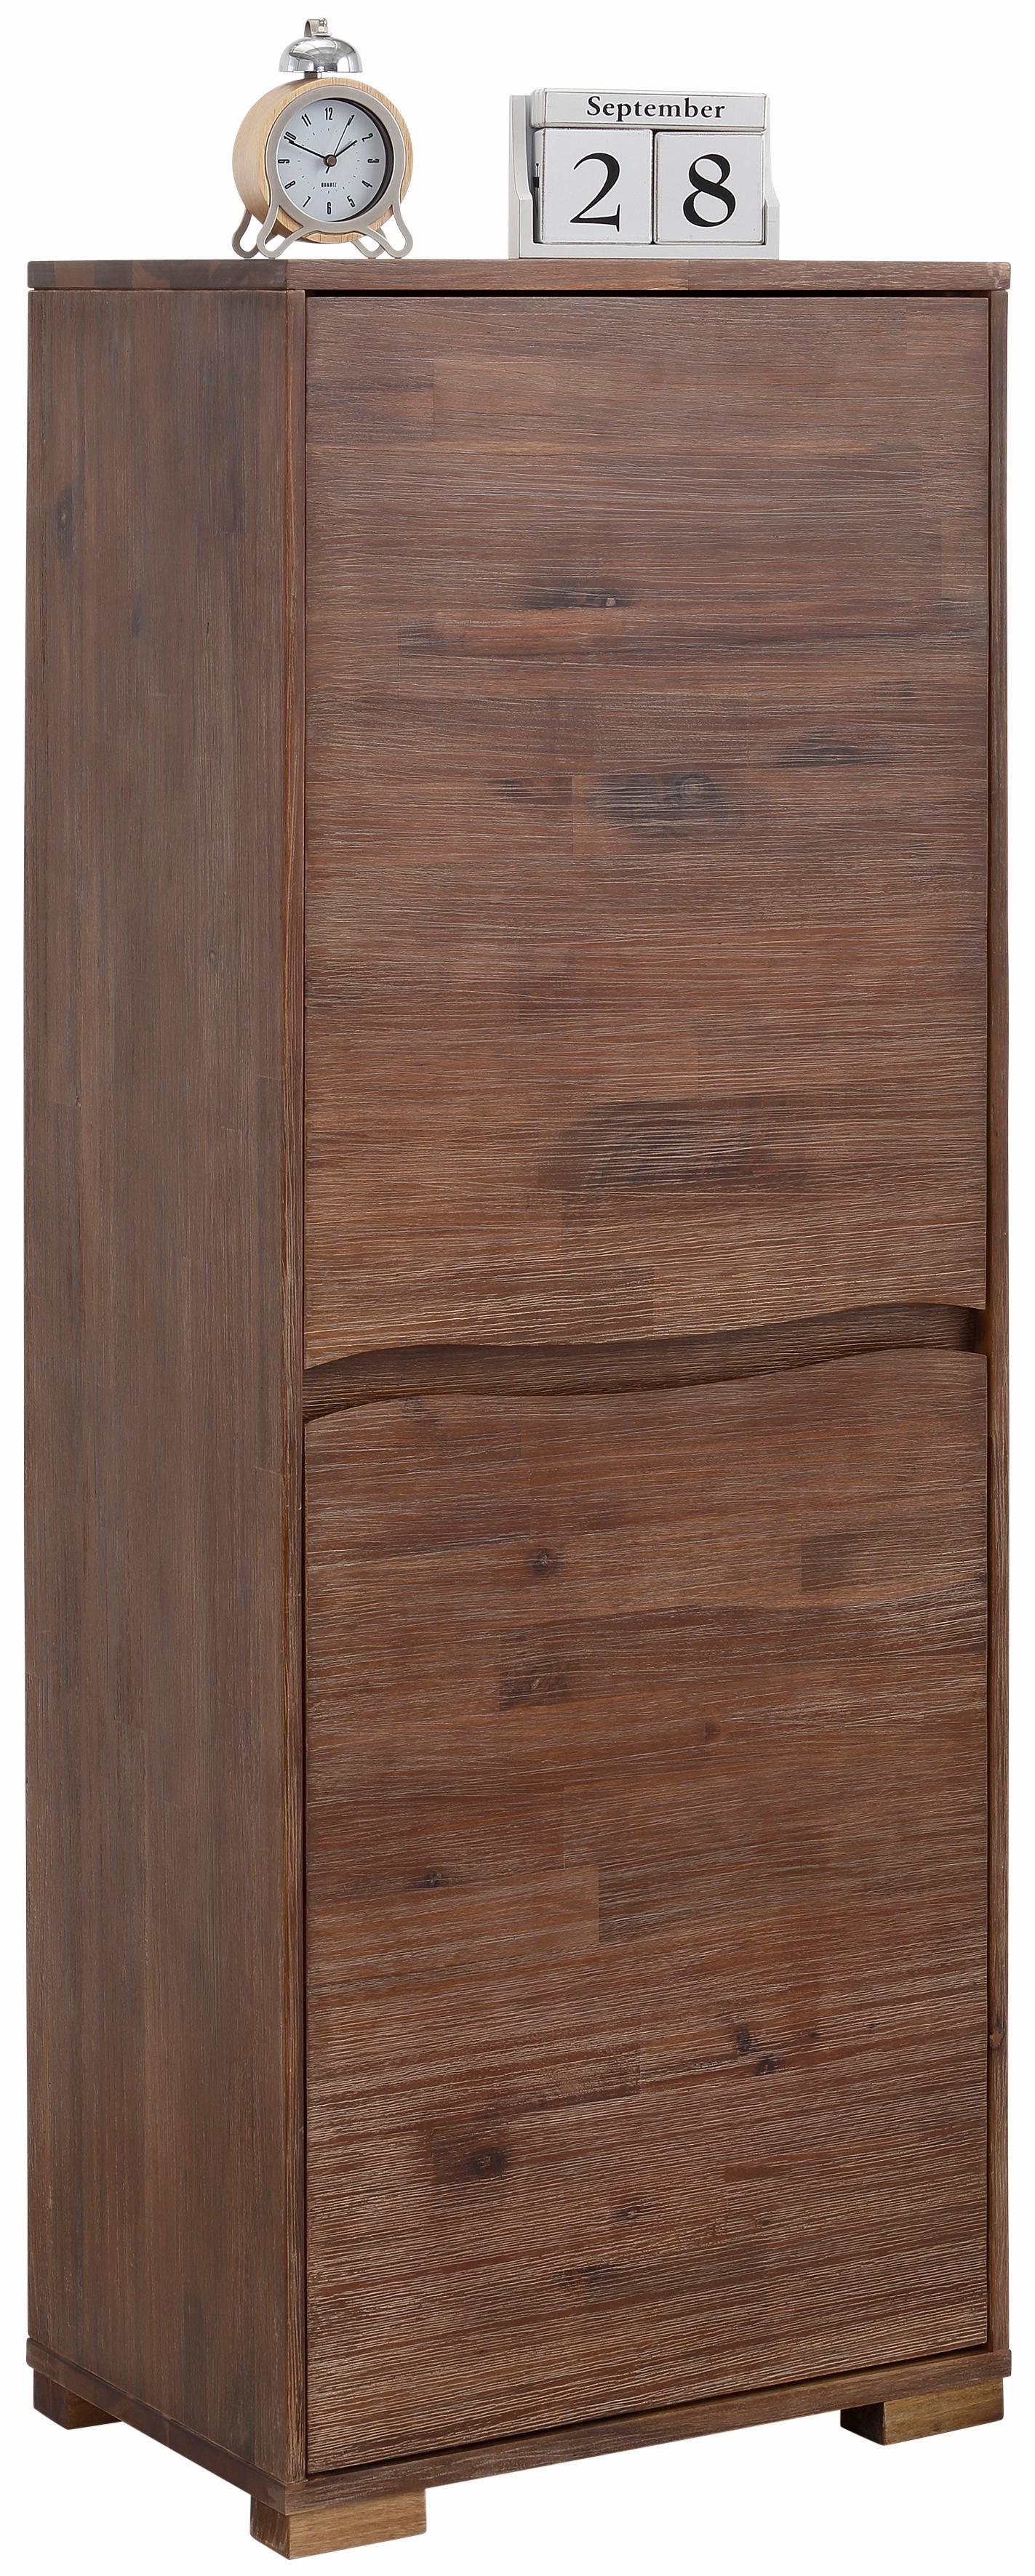 23 sparen home affaire stauraumschrank wave nur 399. Black Bedroom Furniture Sets. Home Design Ideas